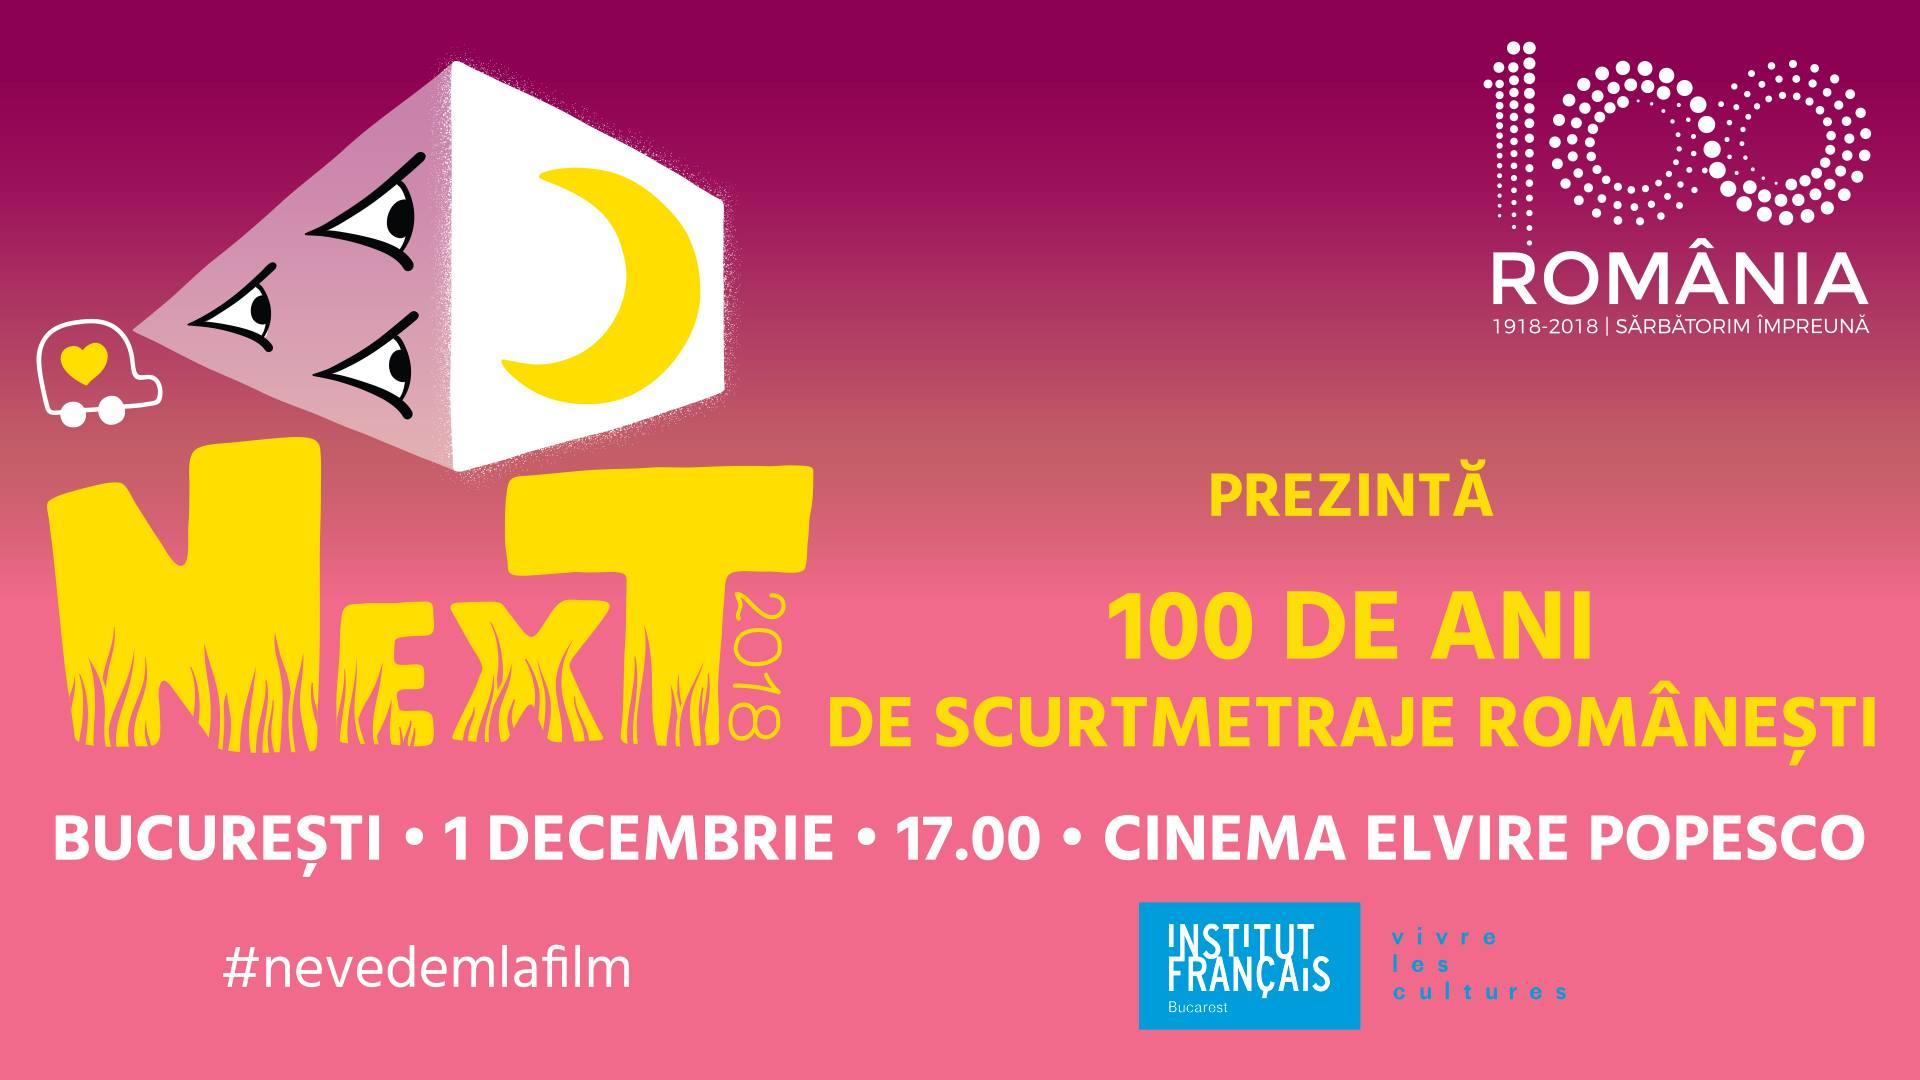 100 de ani de scurtmetraje romanesti